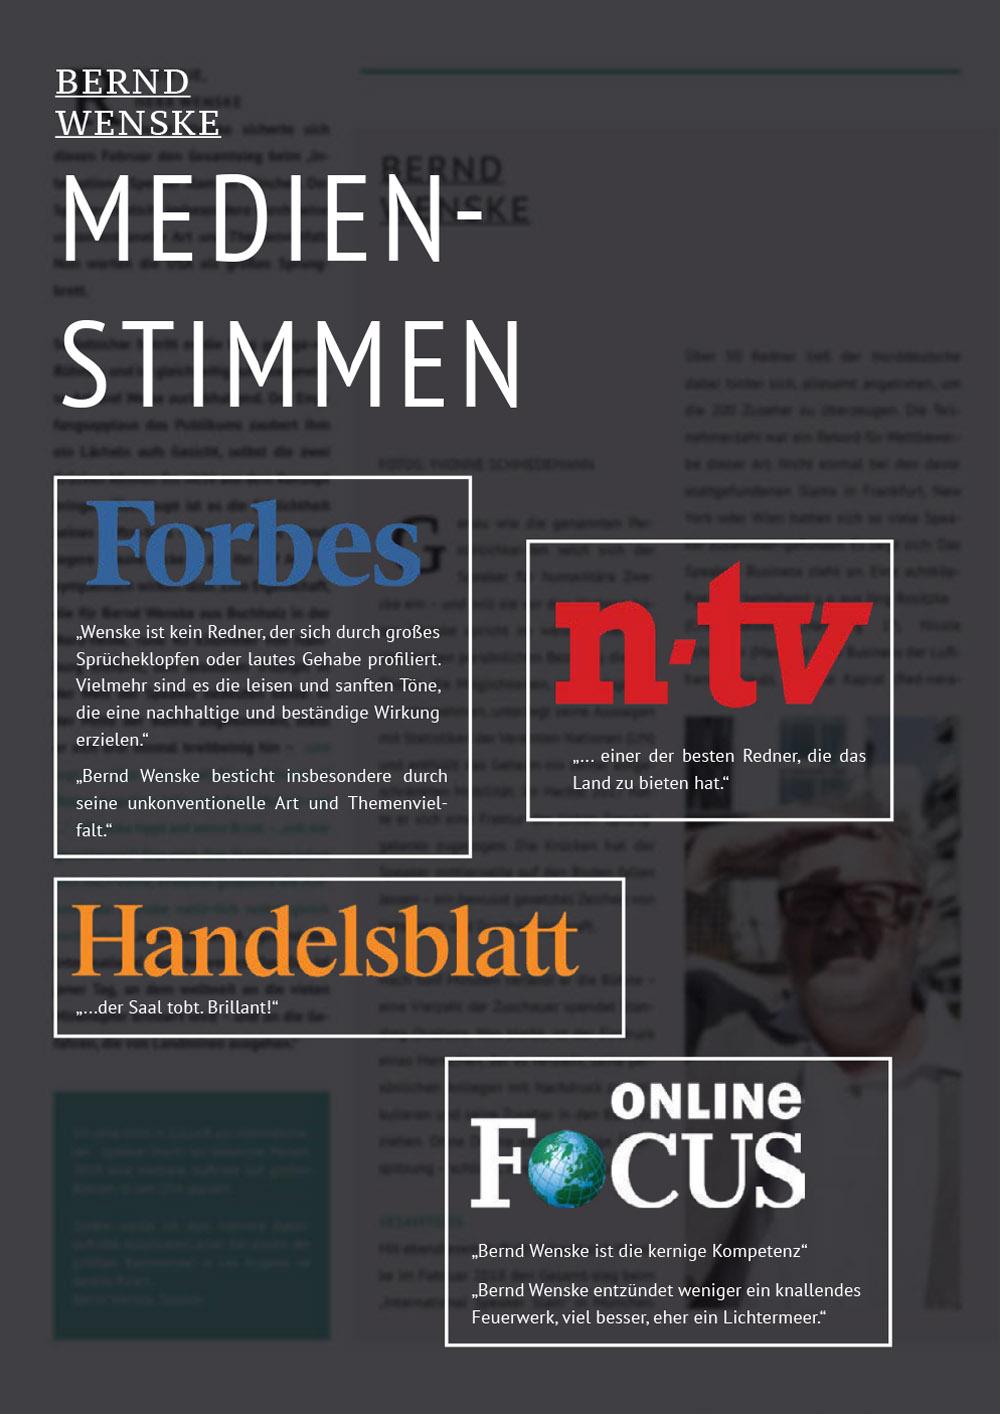 Medienstimmen | Bernd Wenske